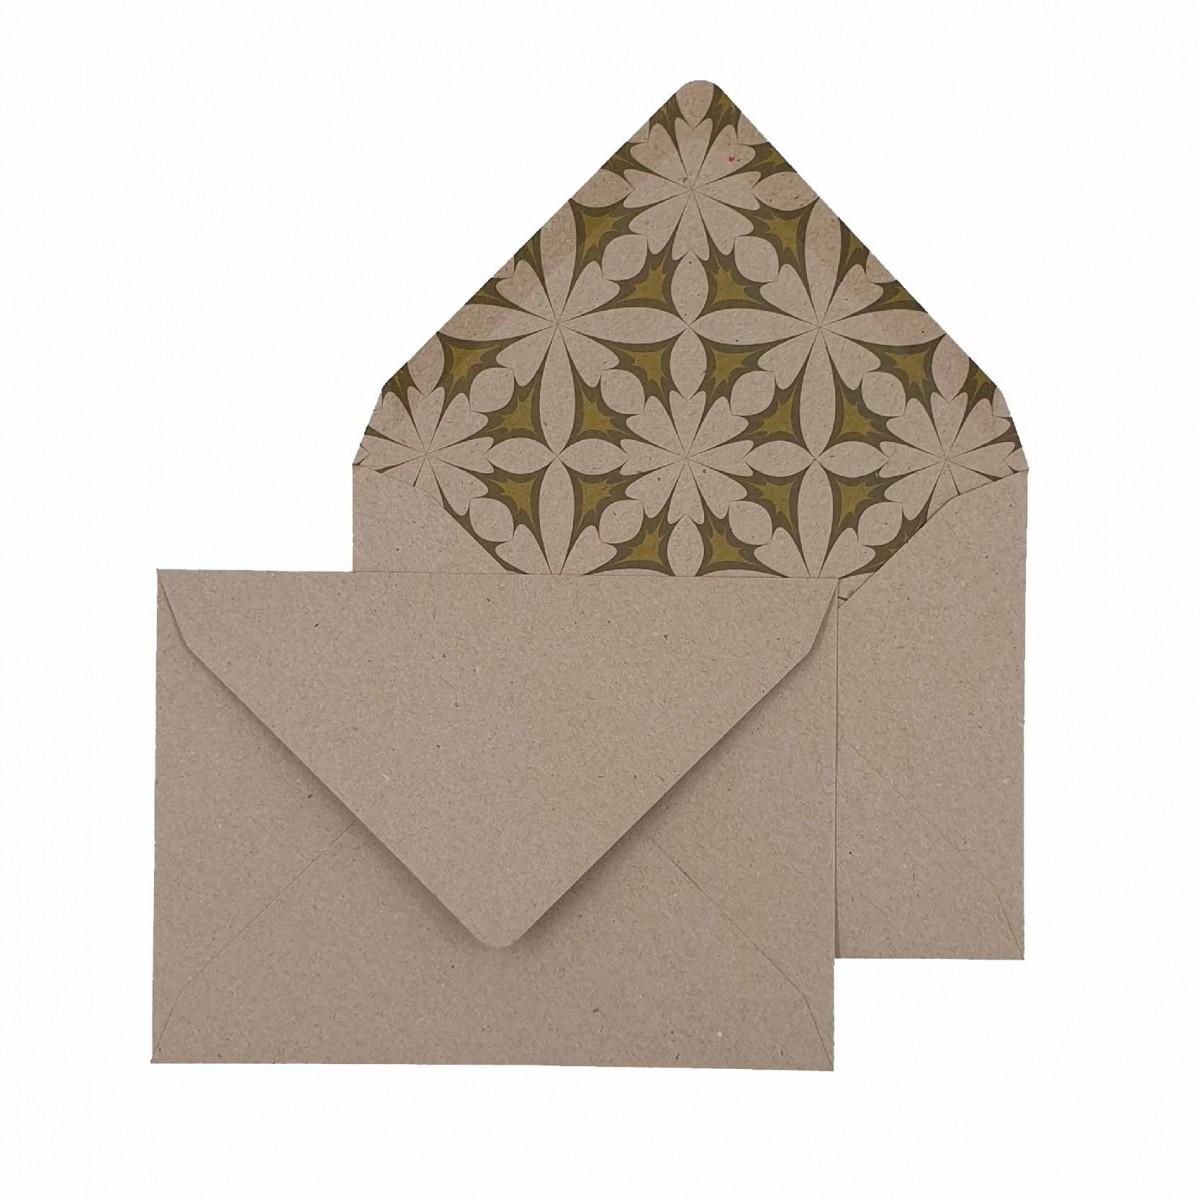 מעטפות לאירועים